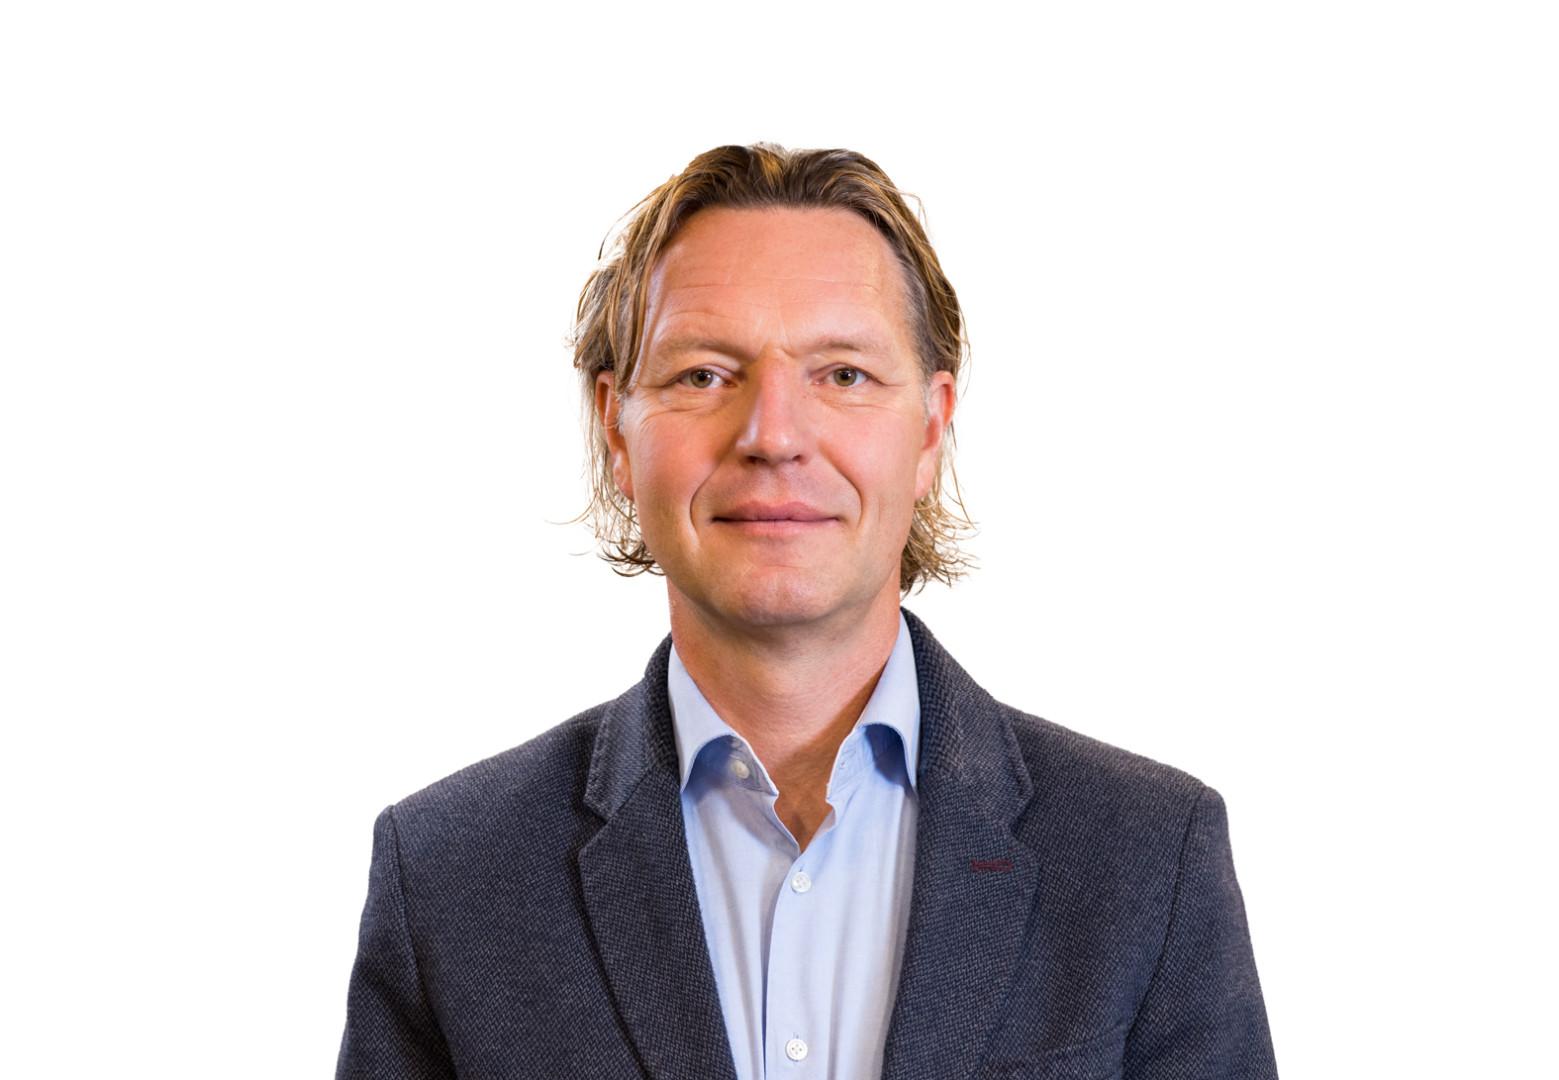 Ben Jan van der Klis